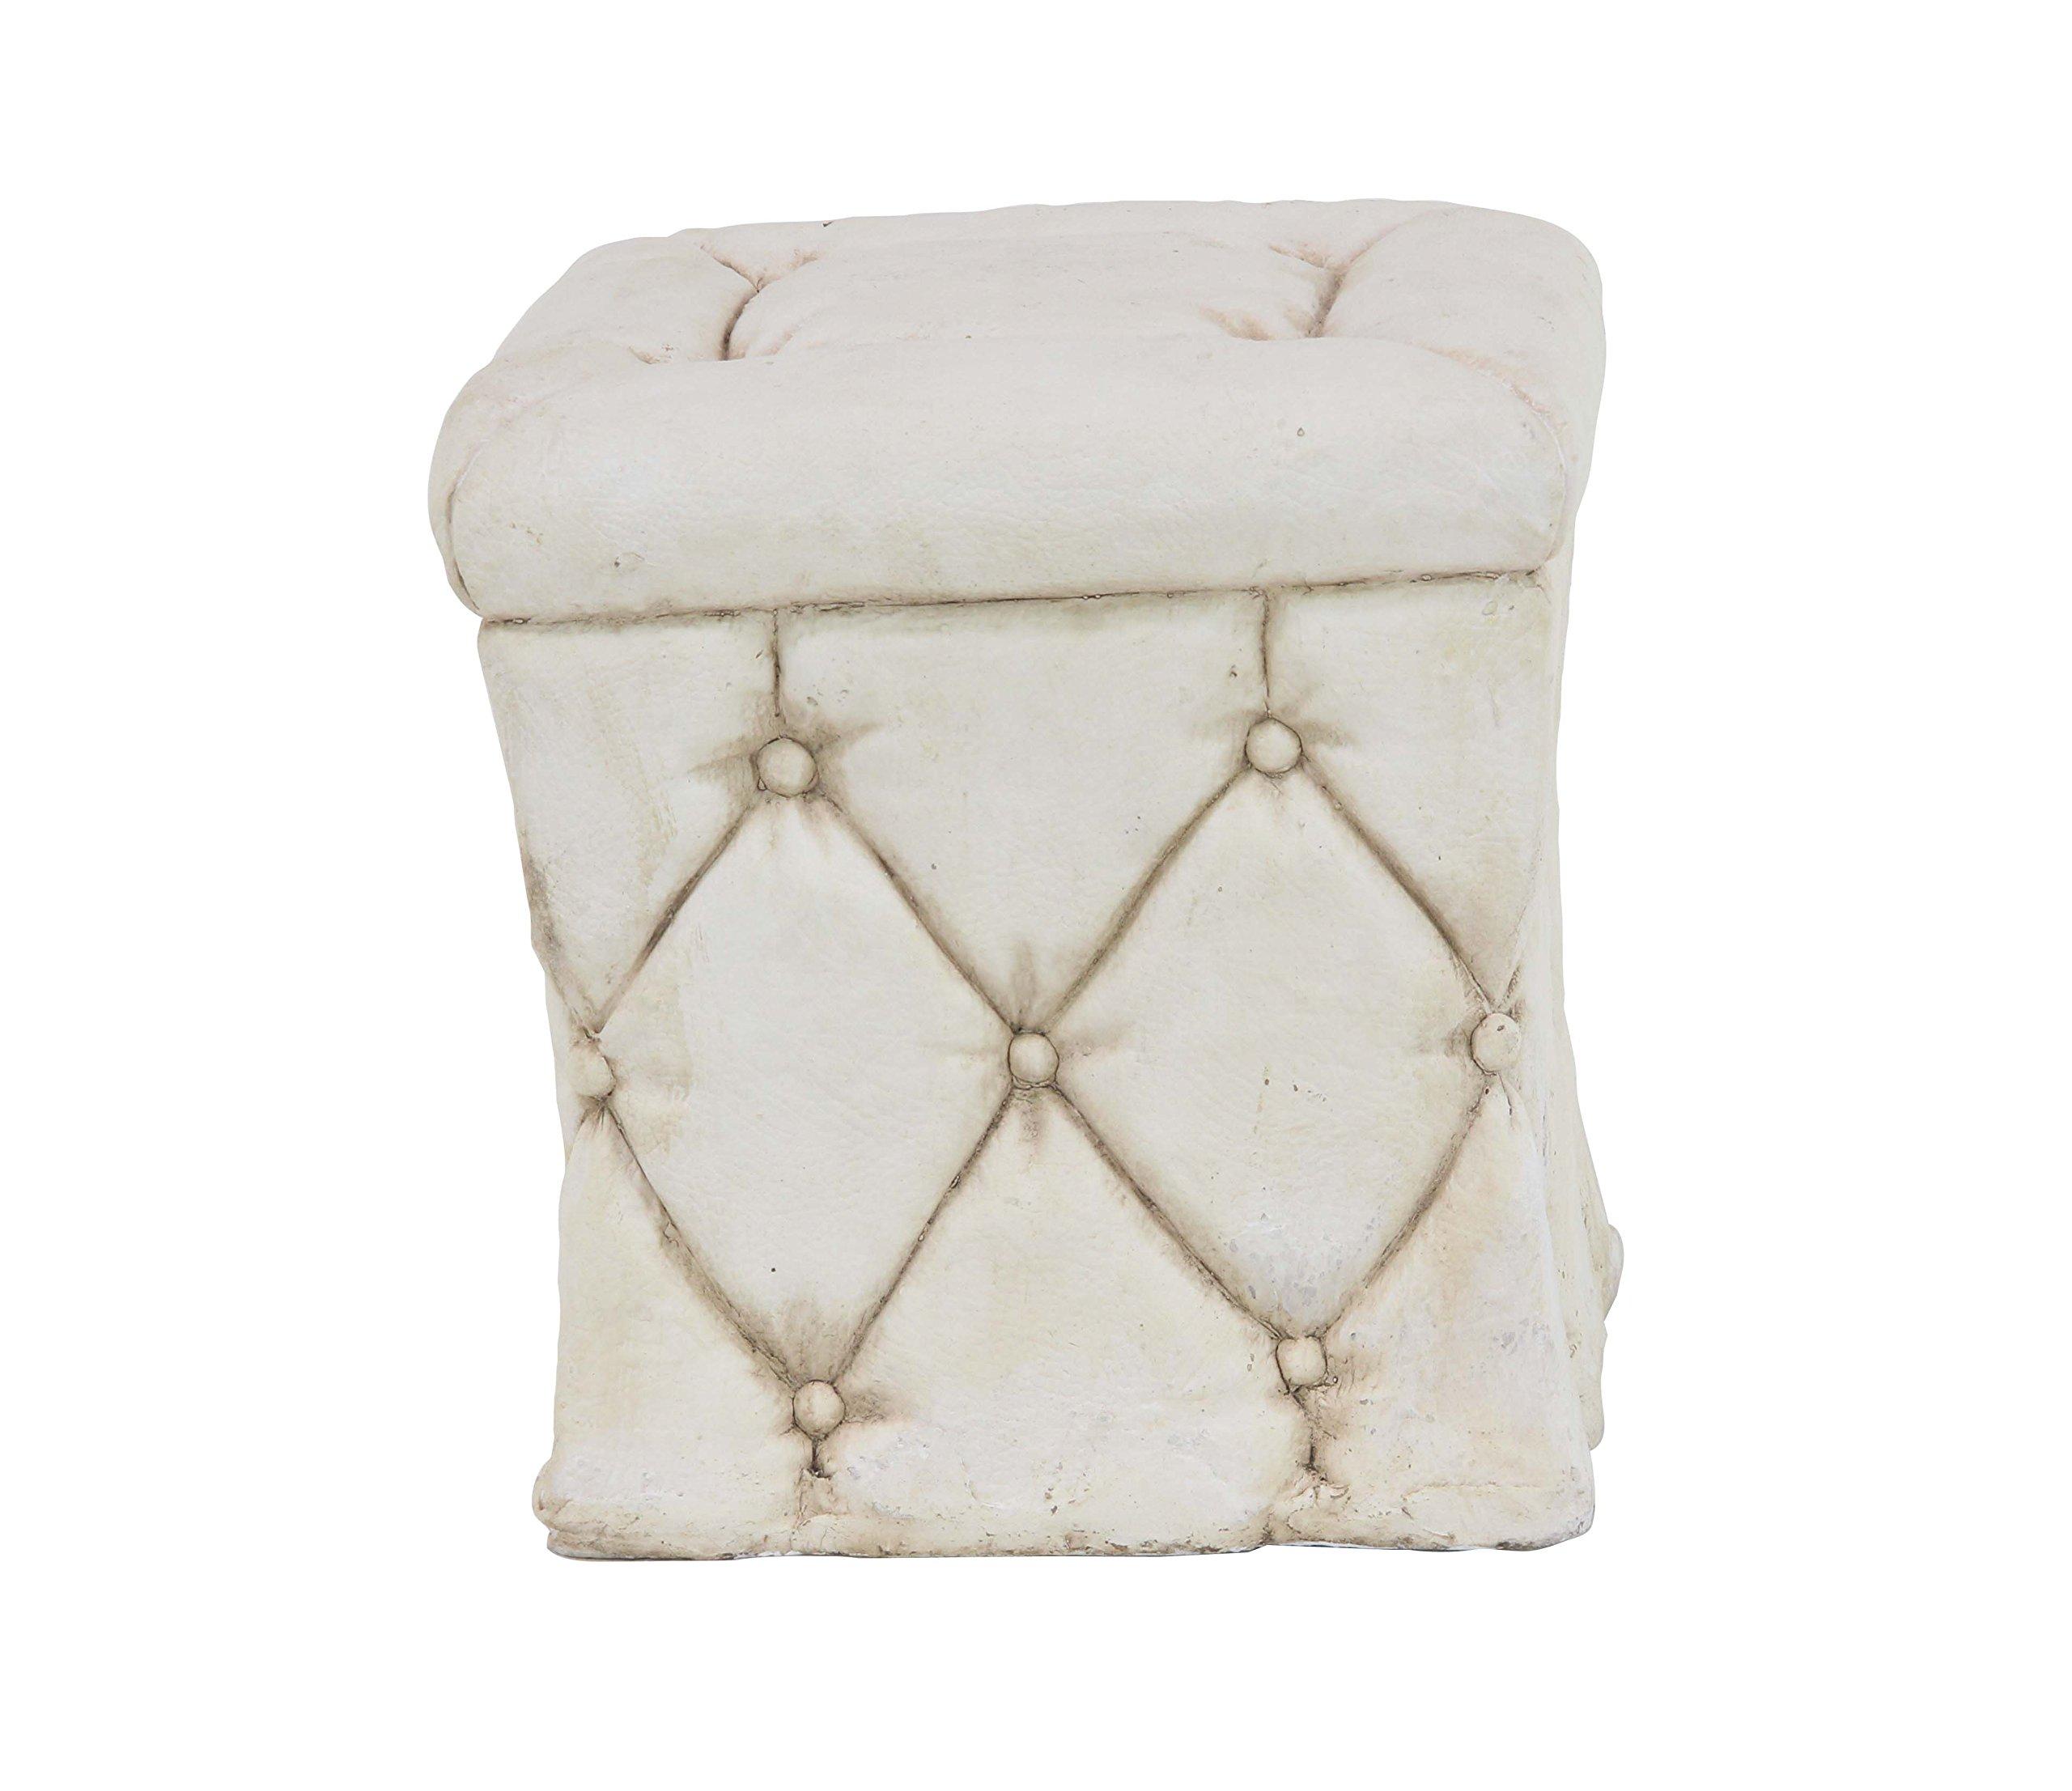 Deco 79 36839 Garden Pedestal, White